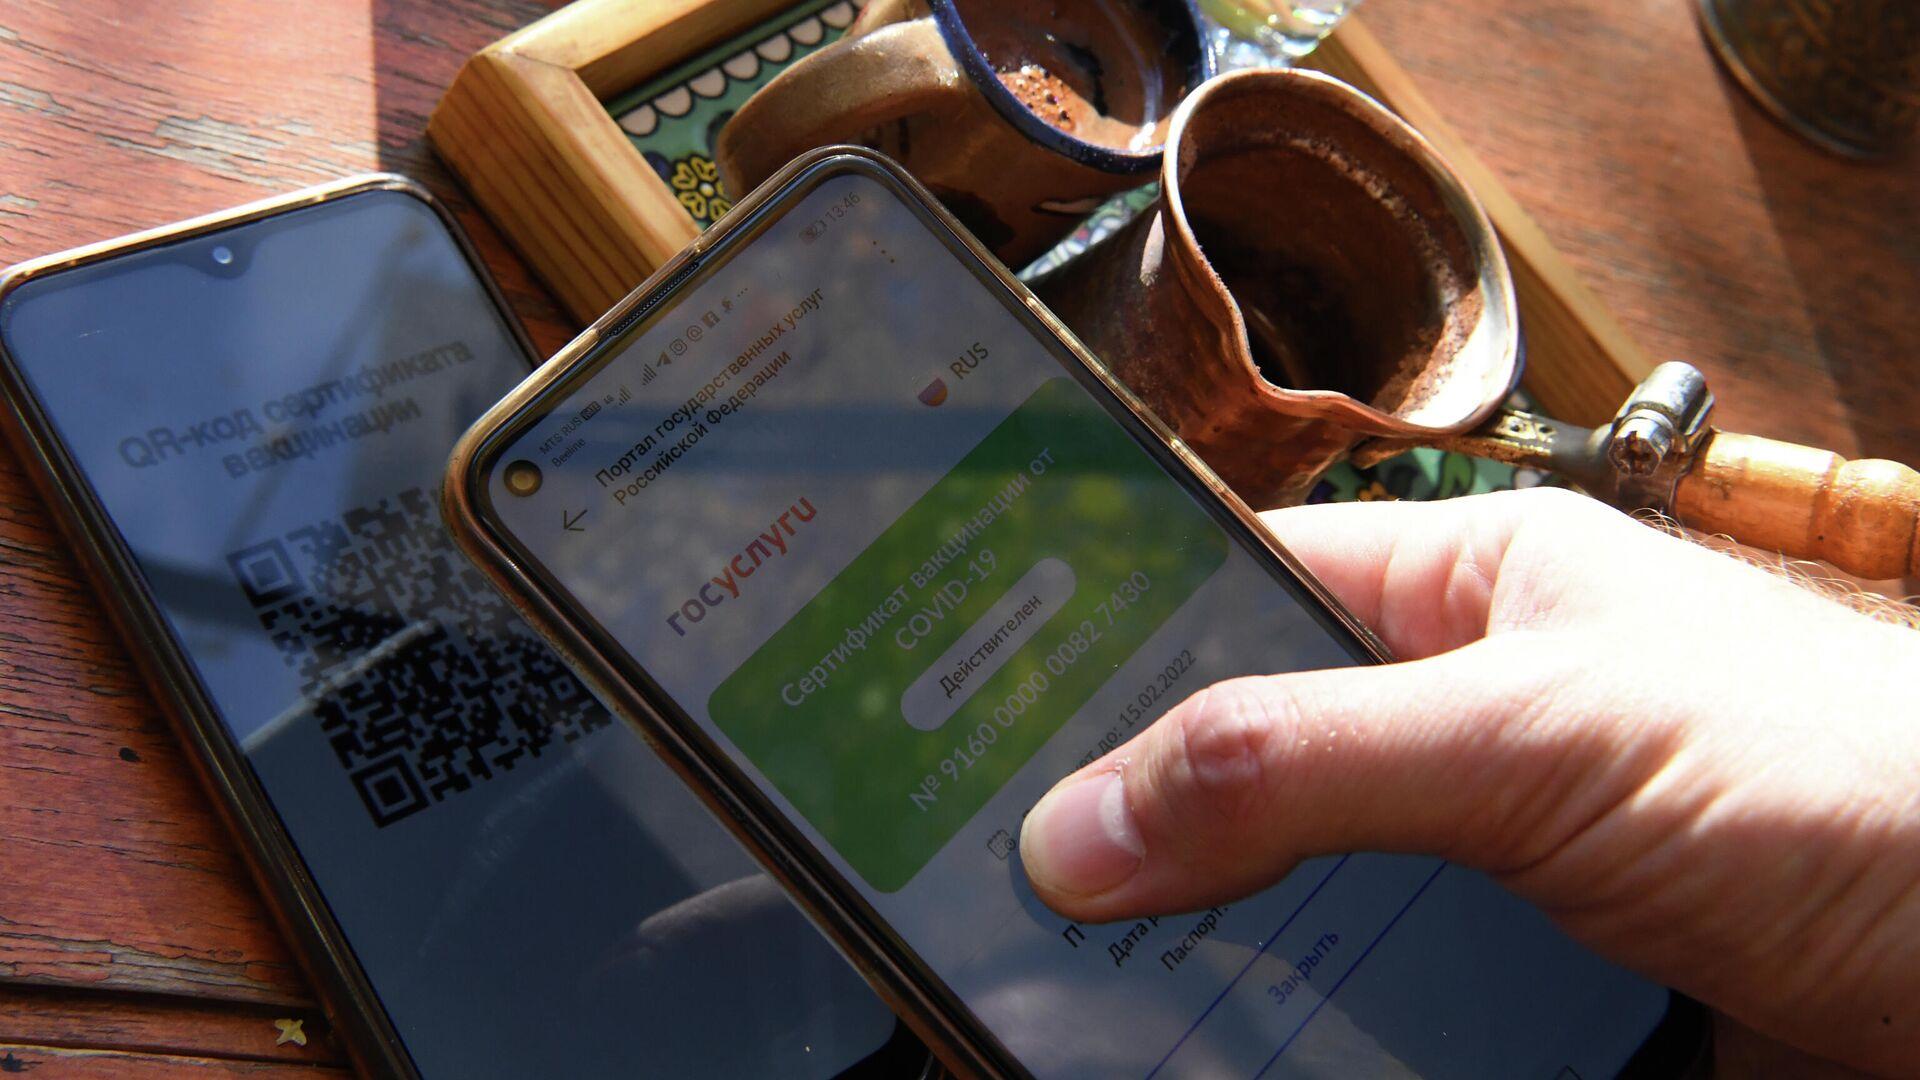 QR-код на экране смартфона в кафе. Архивное фото - РИА Новости, 1920, 13.10.2021